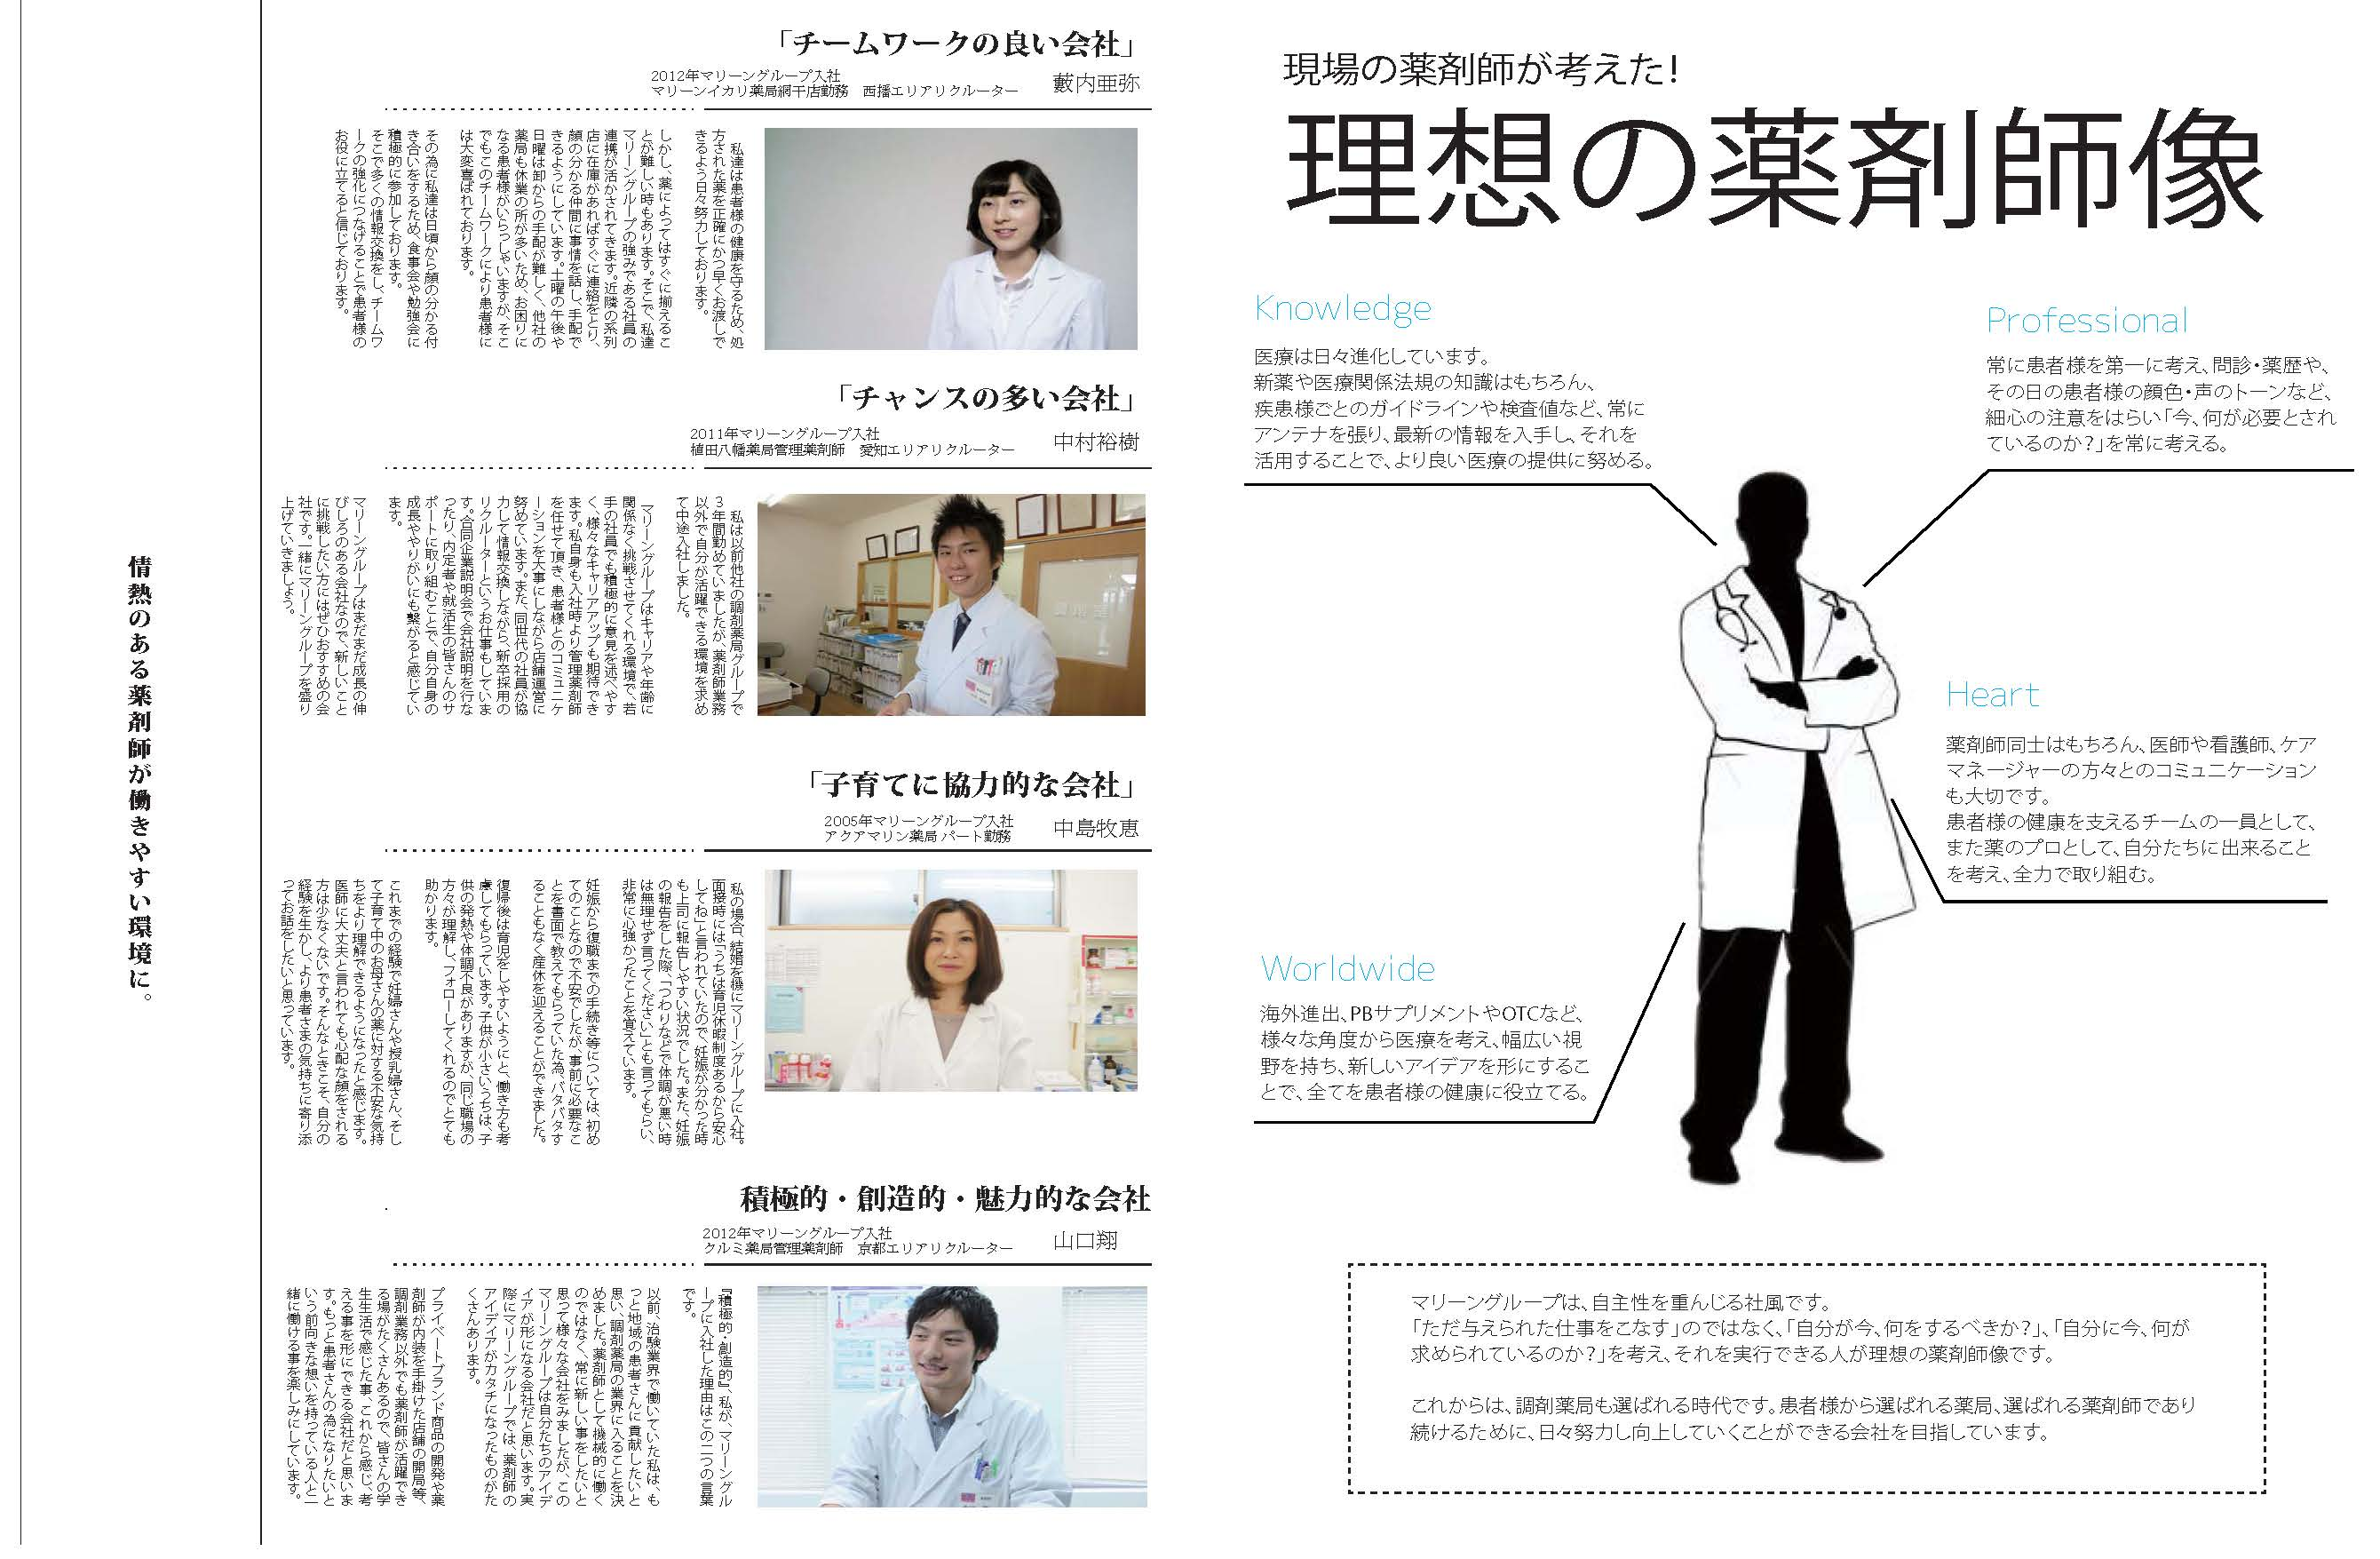 マリーングループ御中_パンフレットデザイン_20150126_ページ_5